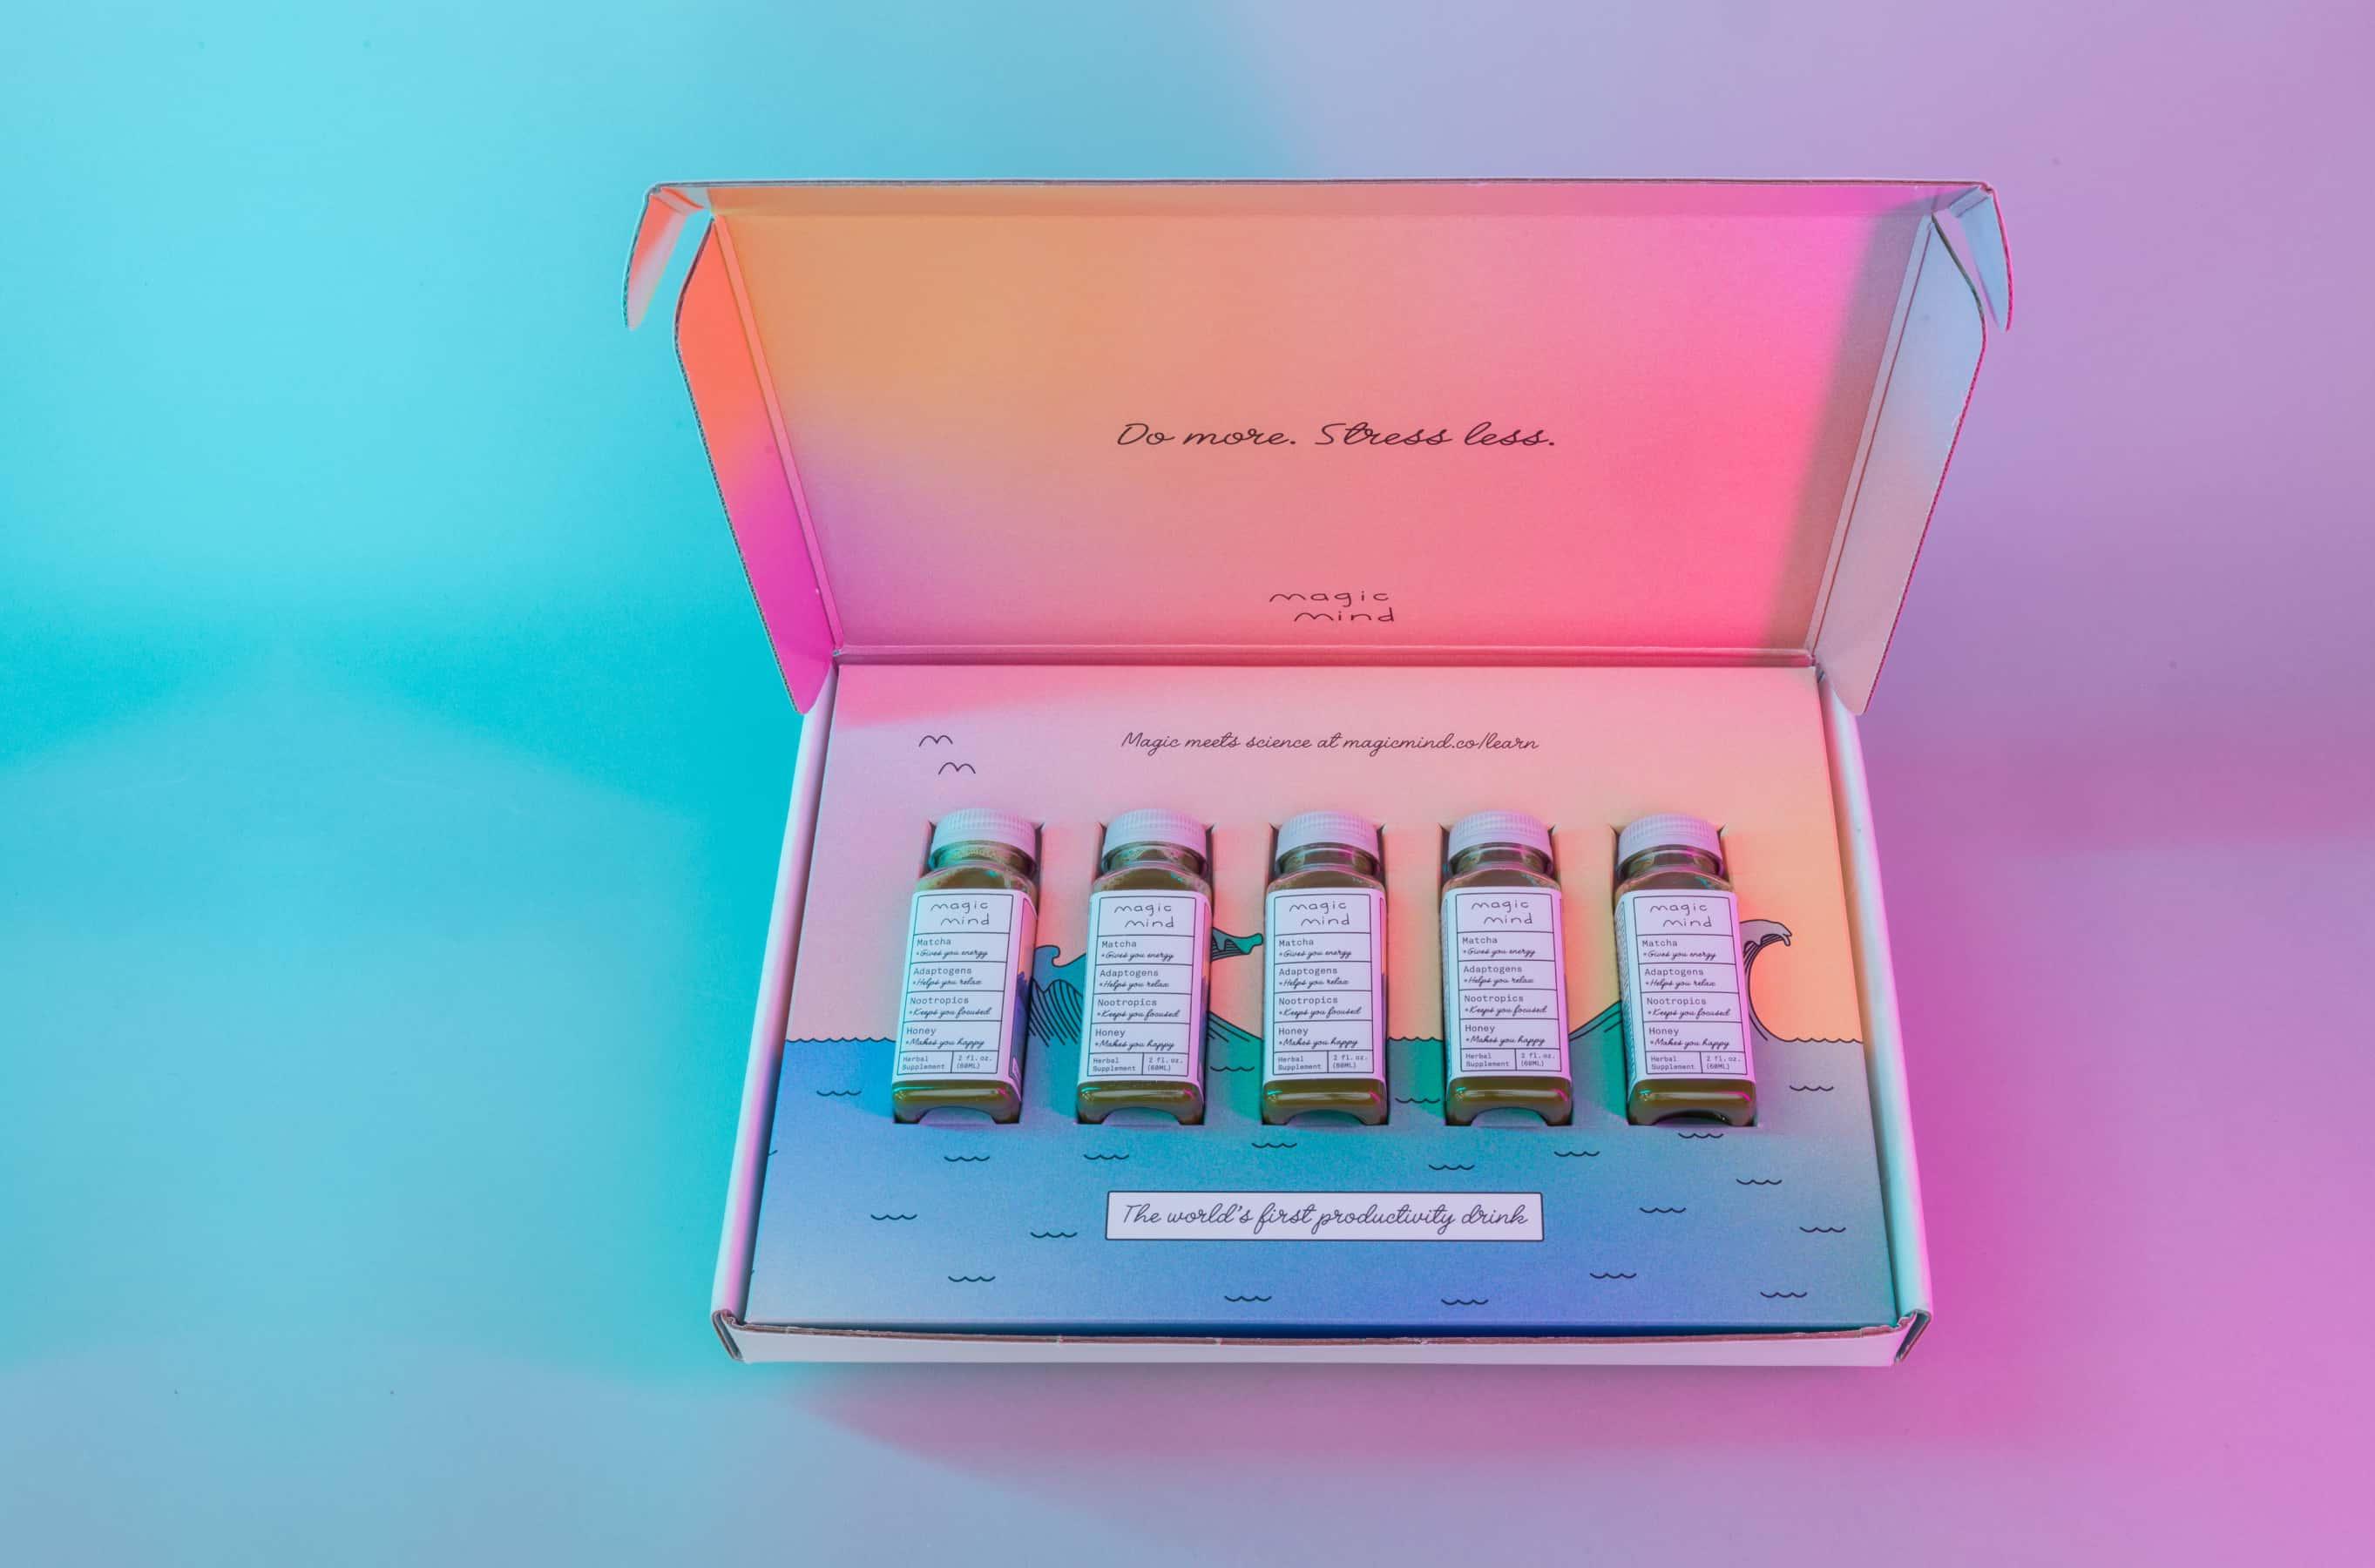 Product photo of Magic Mind bottles.